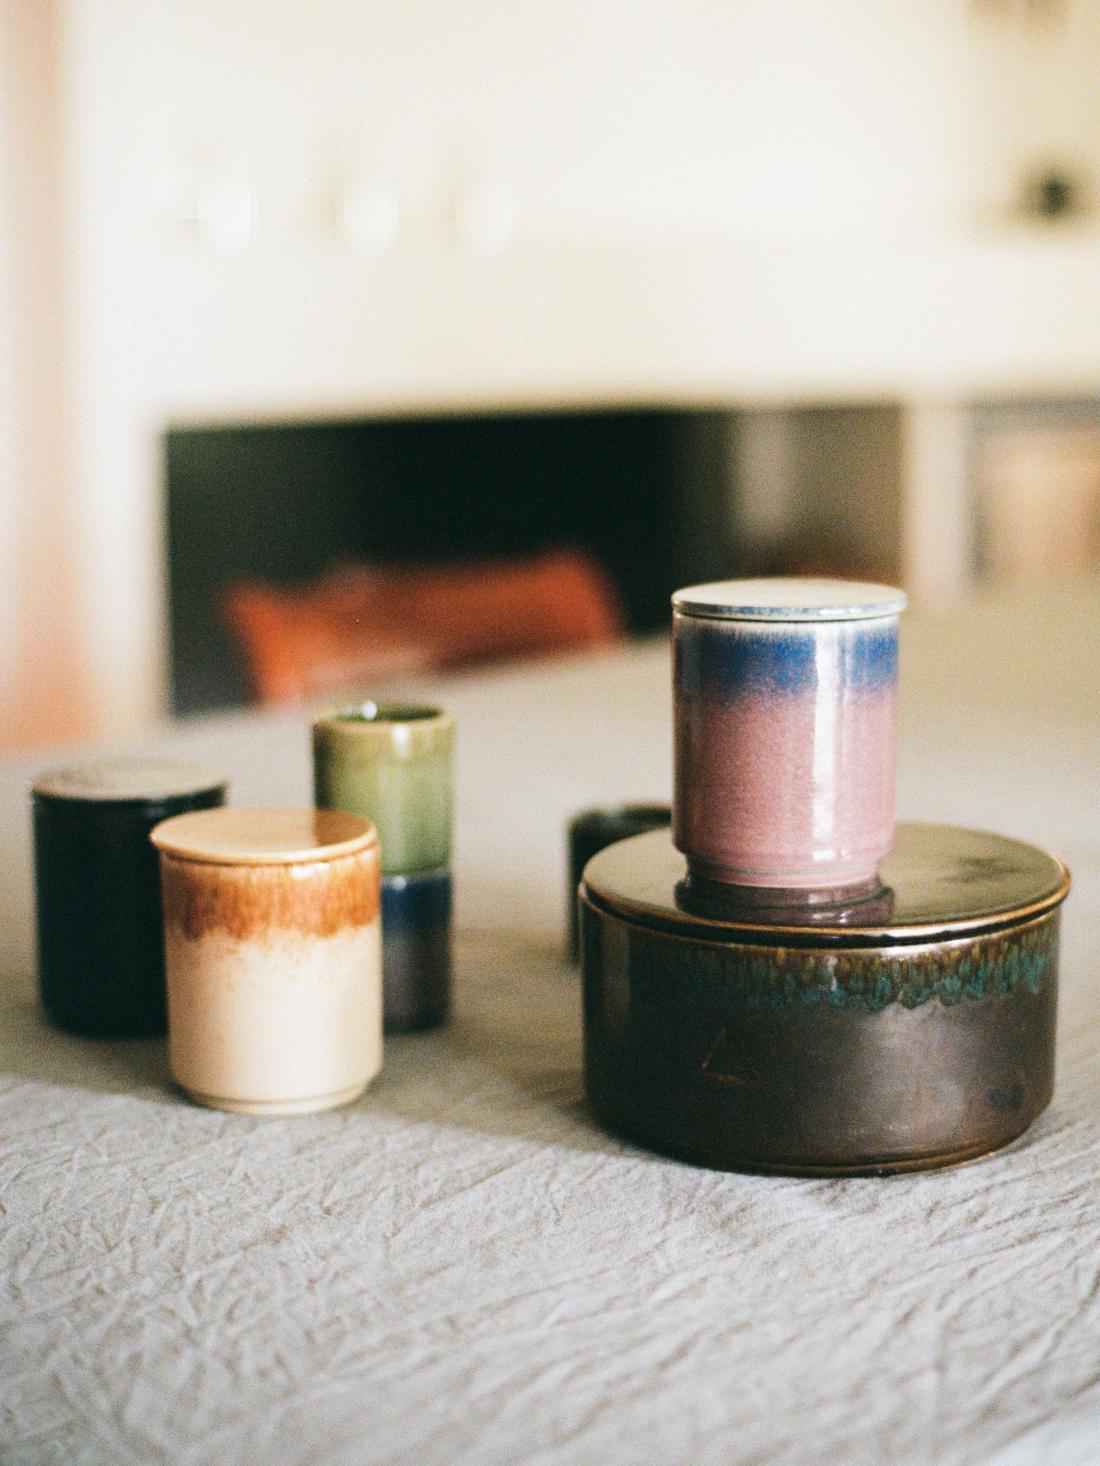 Nova kolekcija dišečih sveč. Foto: Ikea